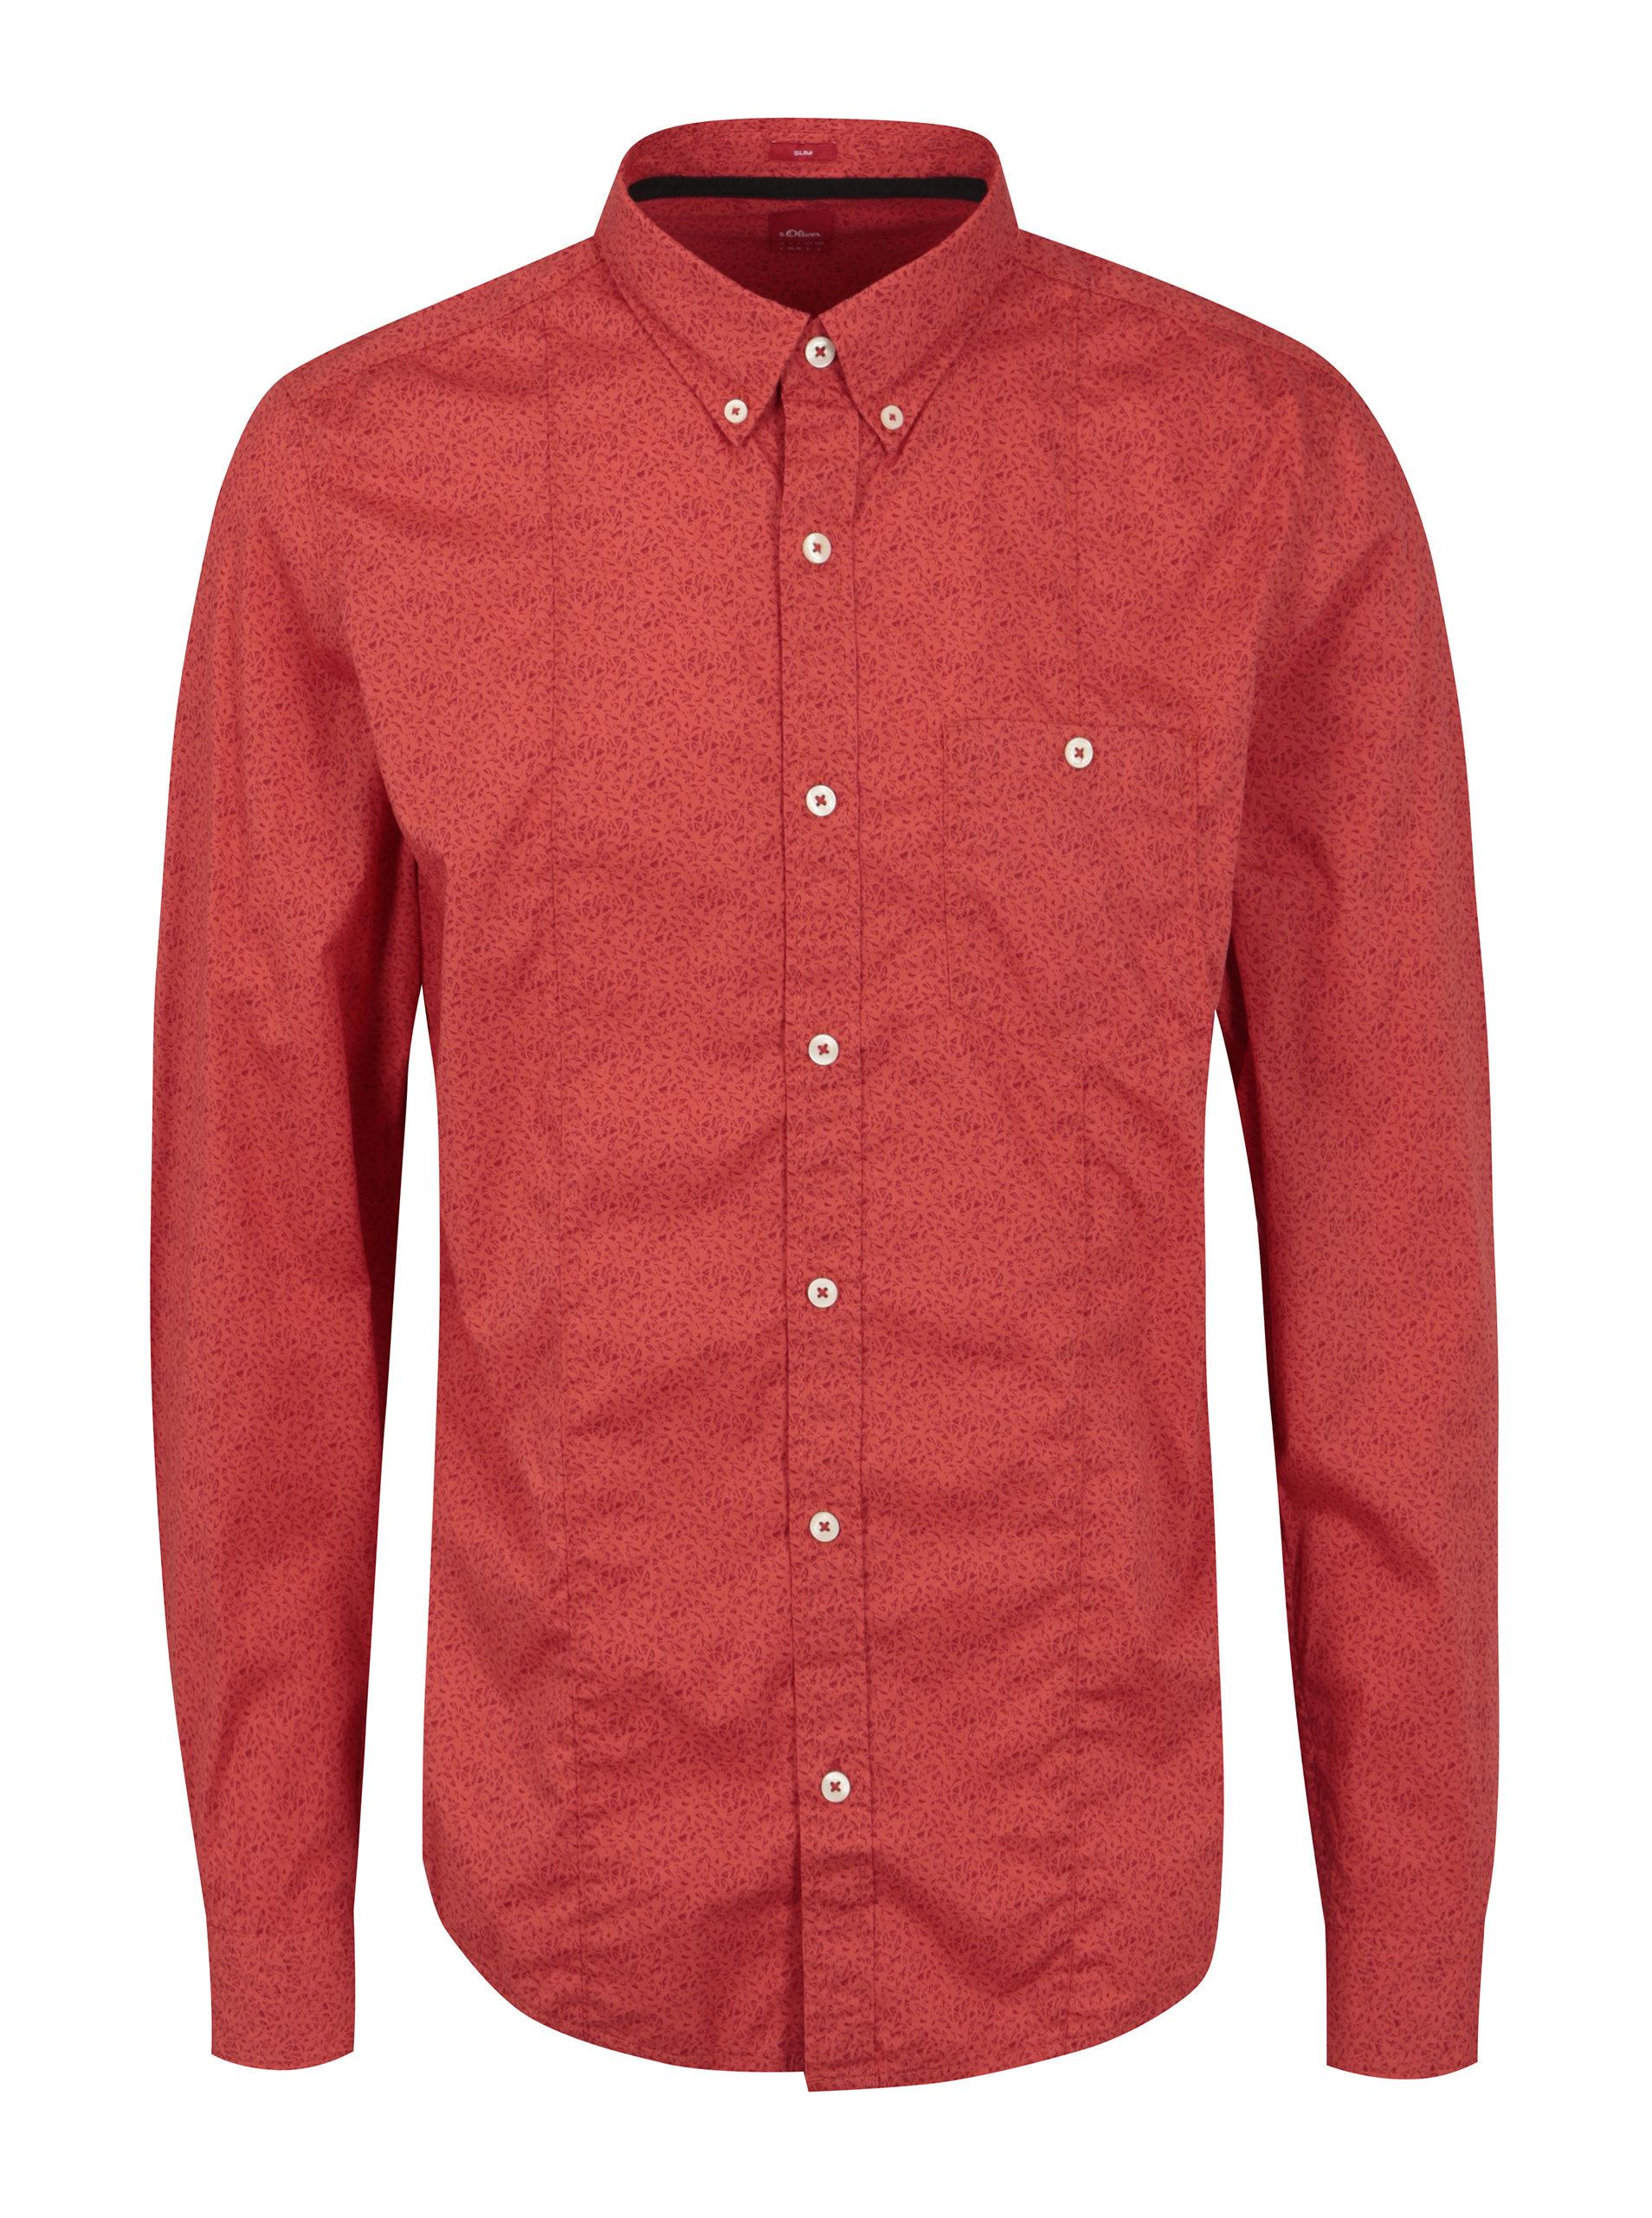 d108585e0482 Červená pánska vzorovaná slim fit košeľa s.Oliver